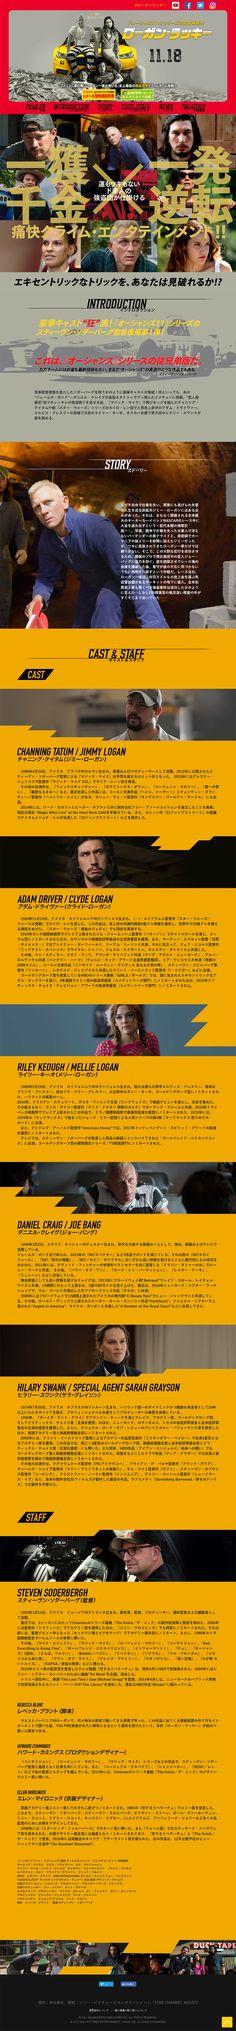 ソニー・ピクチャーズ+エンタテインメント様の「ローガン・ラッキー」のランディングページ(LP)派手系|TV・映画・アニメ